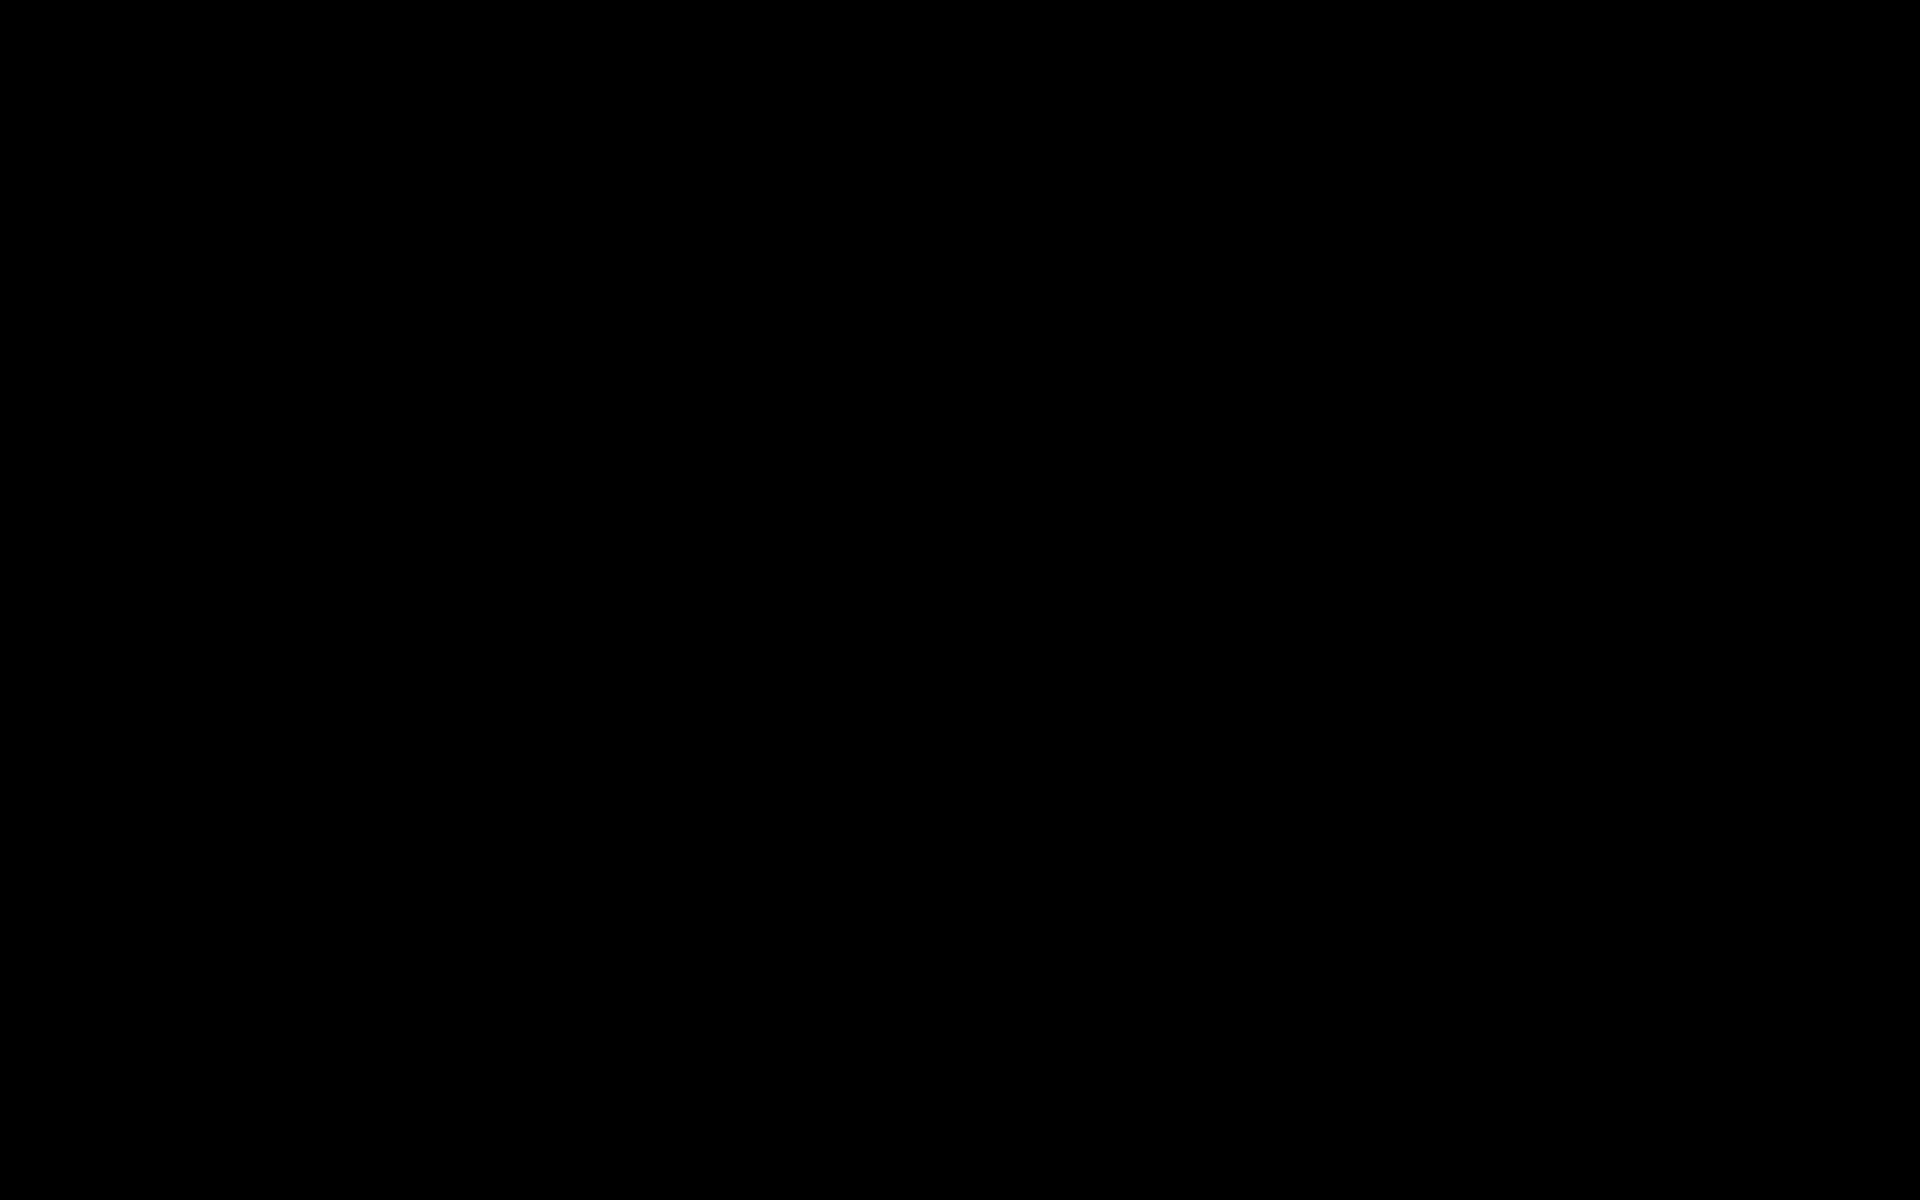 annalisa_logo_1920x1200_v2015-1214